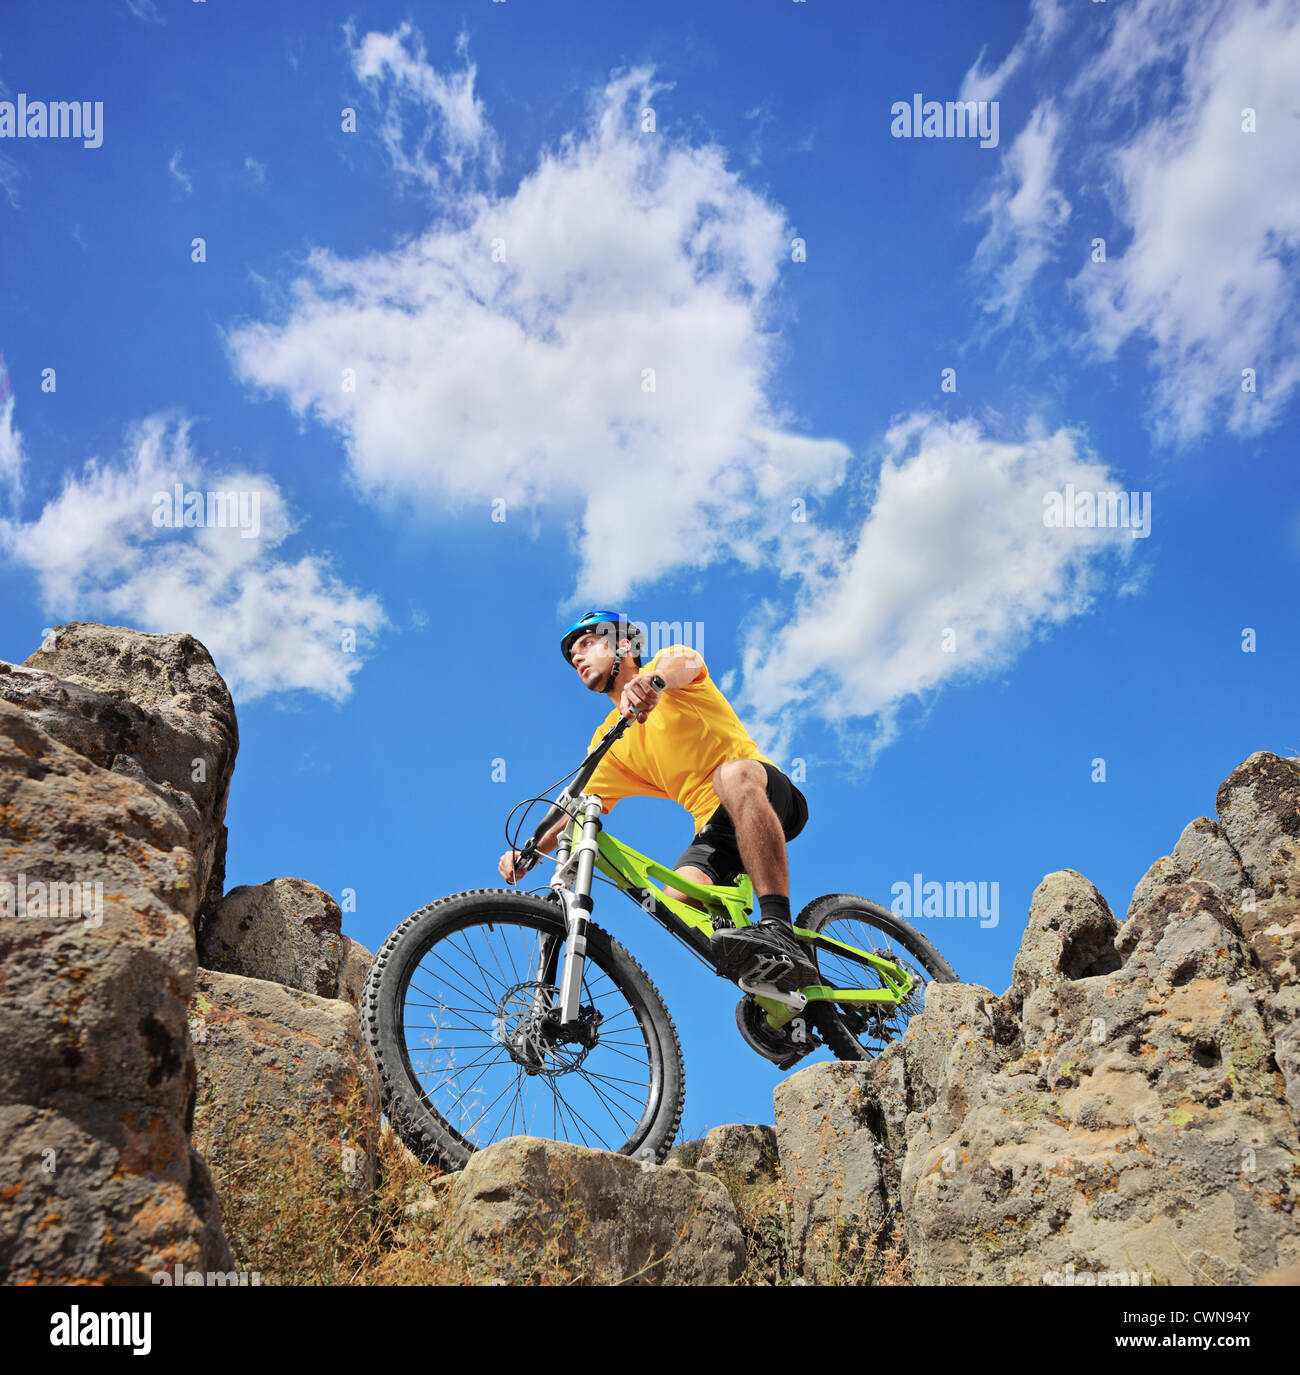 Une personne un vtt sur une journée ensoleillée, low angle view Photo Stock